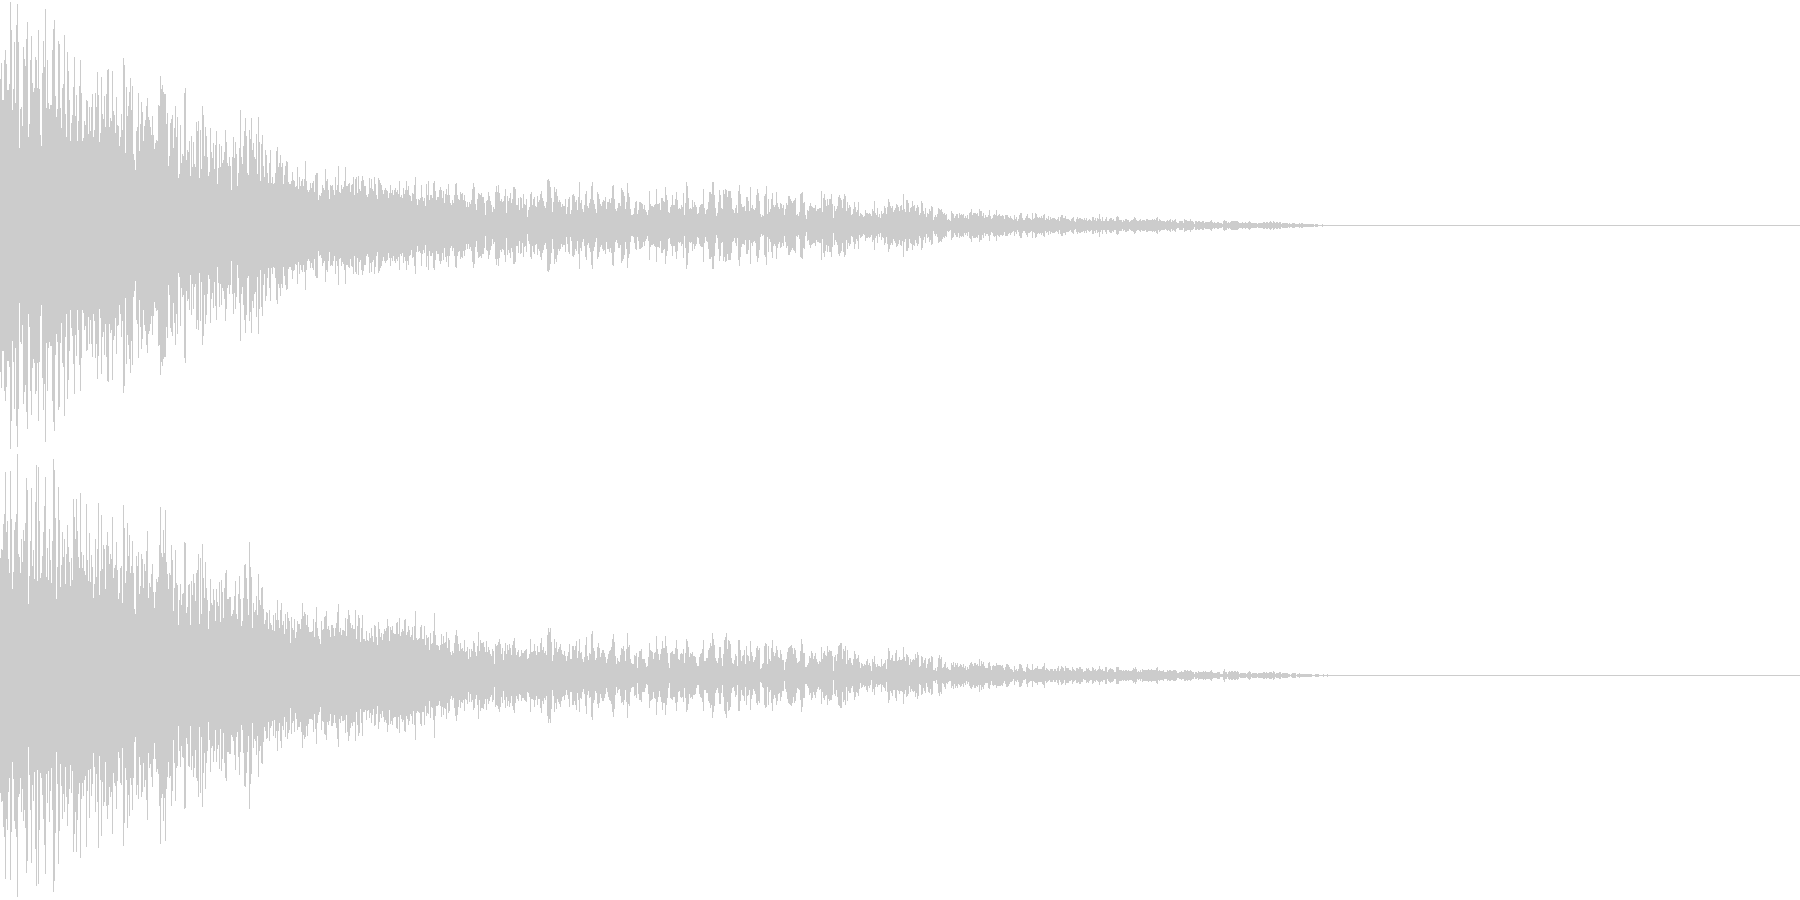 衝撃 金属音 恐怖 震撼 ホラー 29の未再生の波形